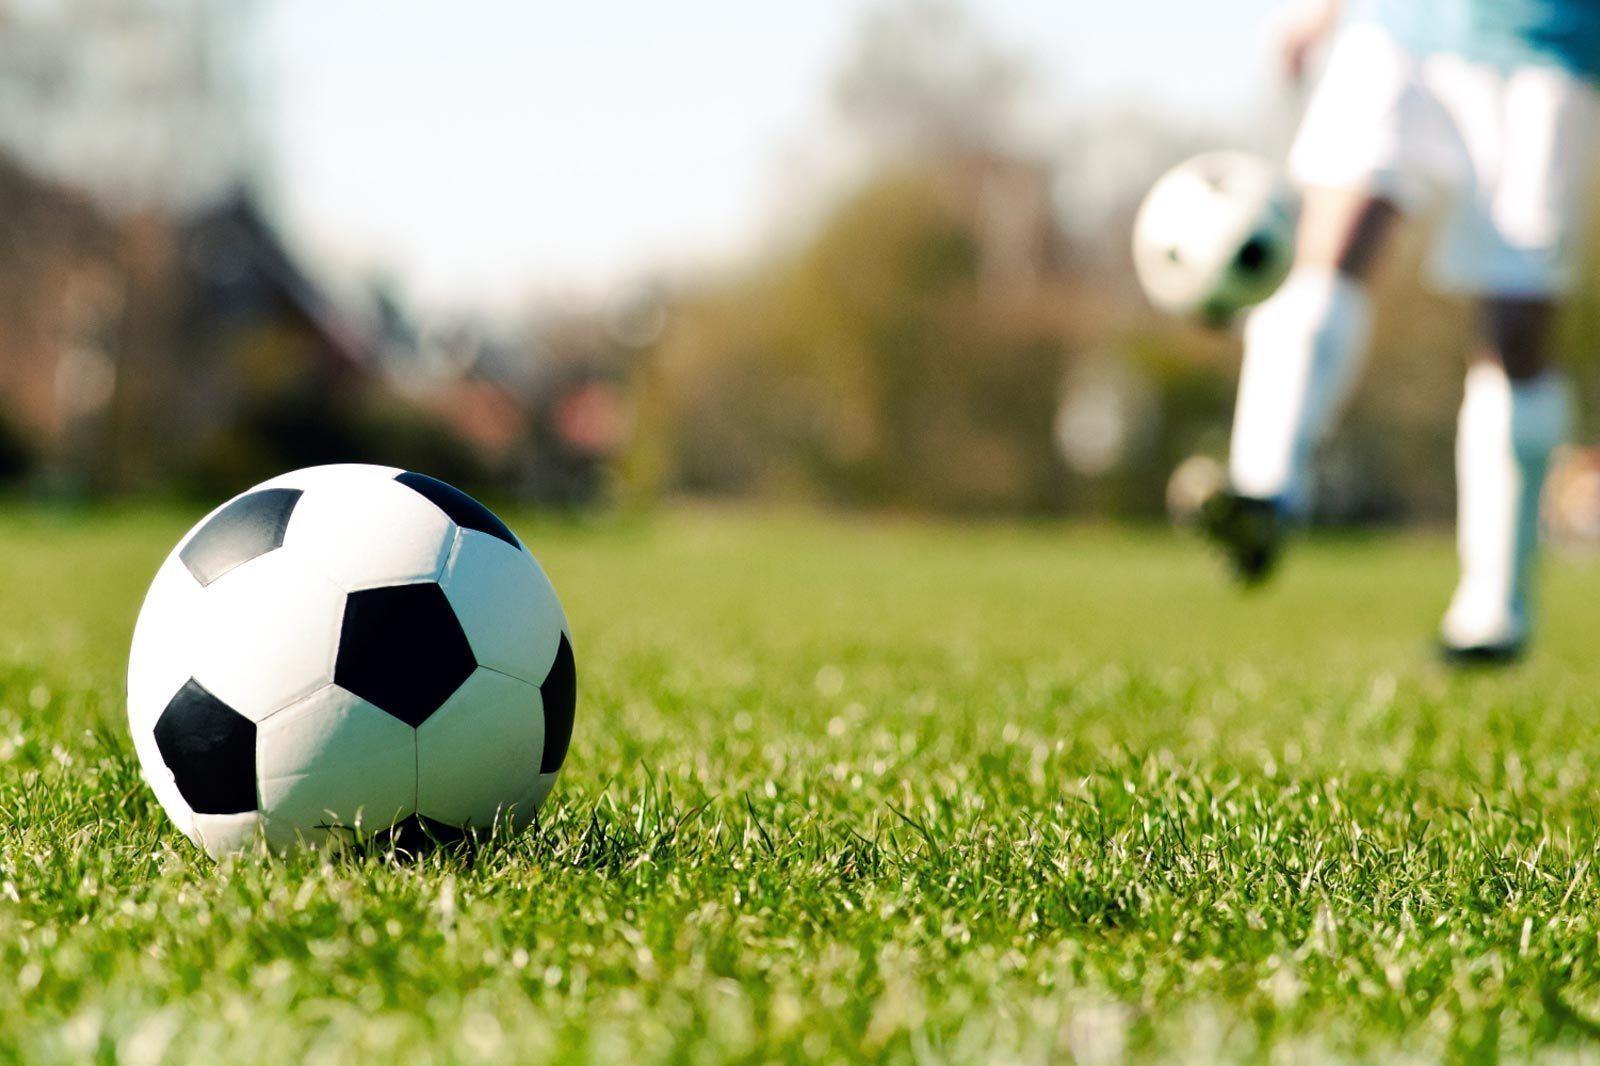 ফুটবলের স্মৃতি